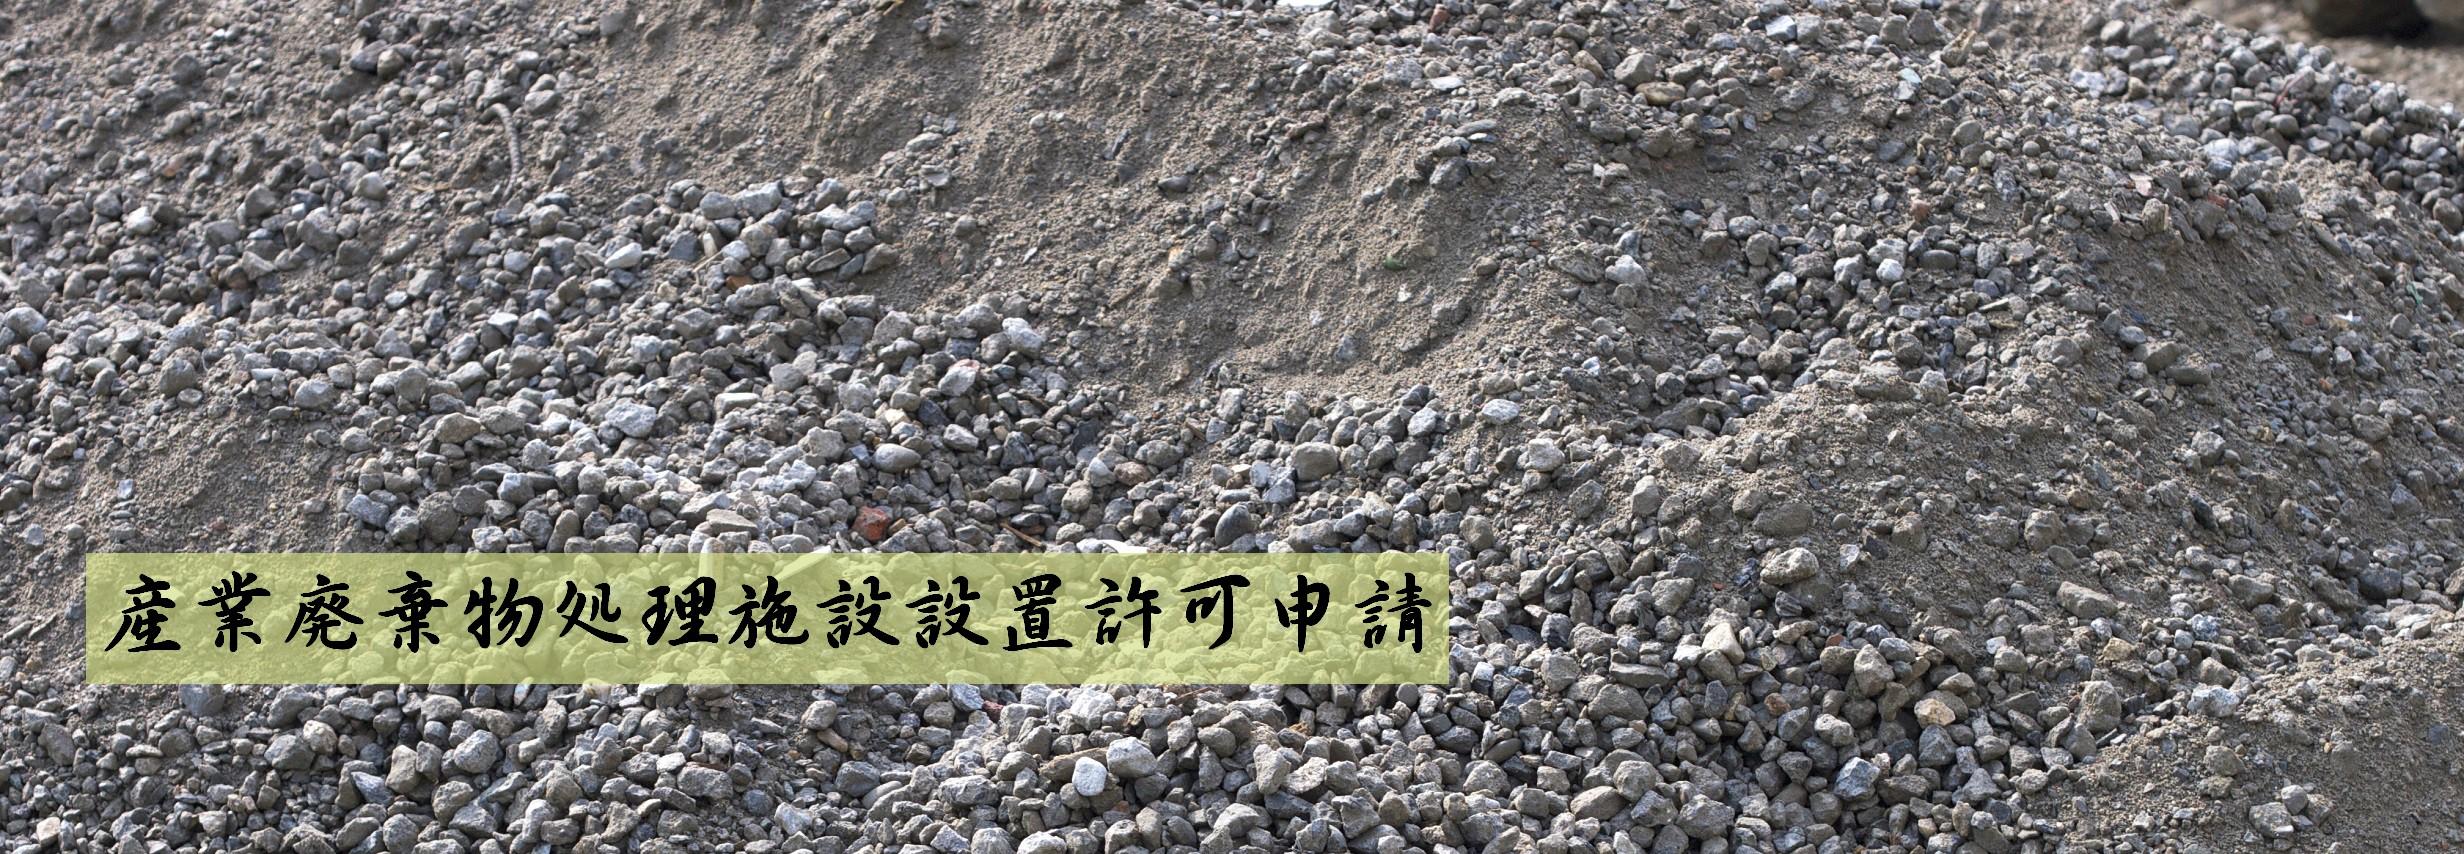 産業廃棄物処理施設設置許可申請